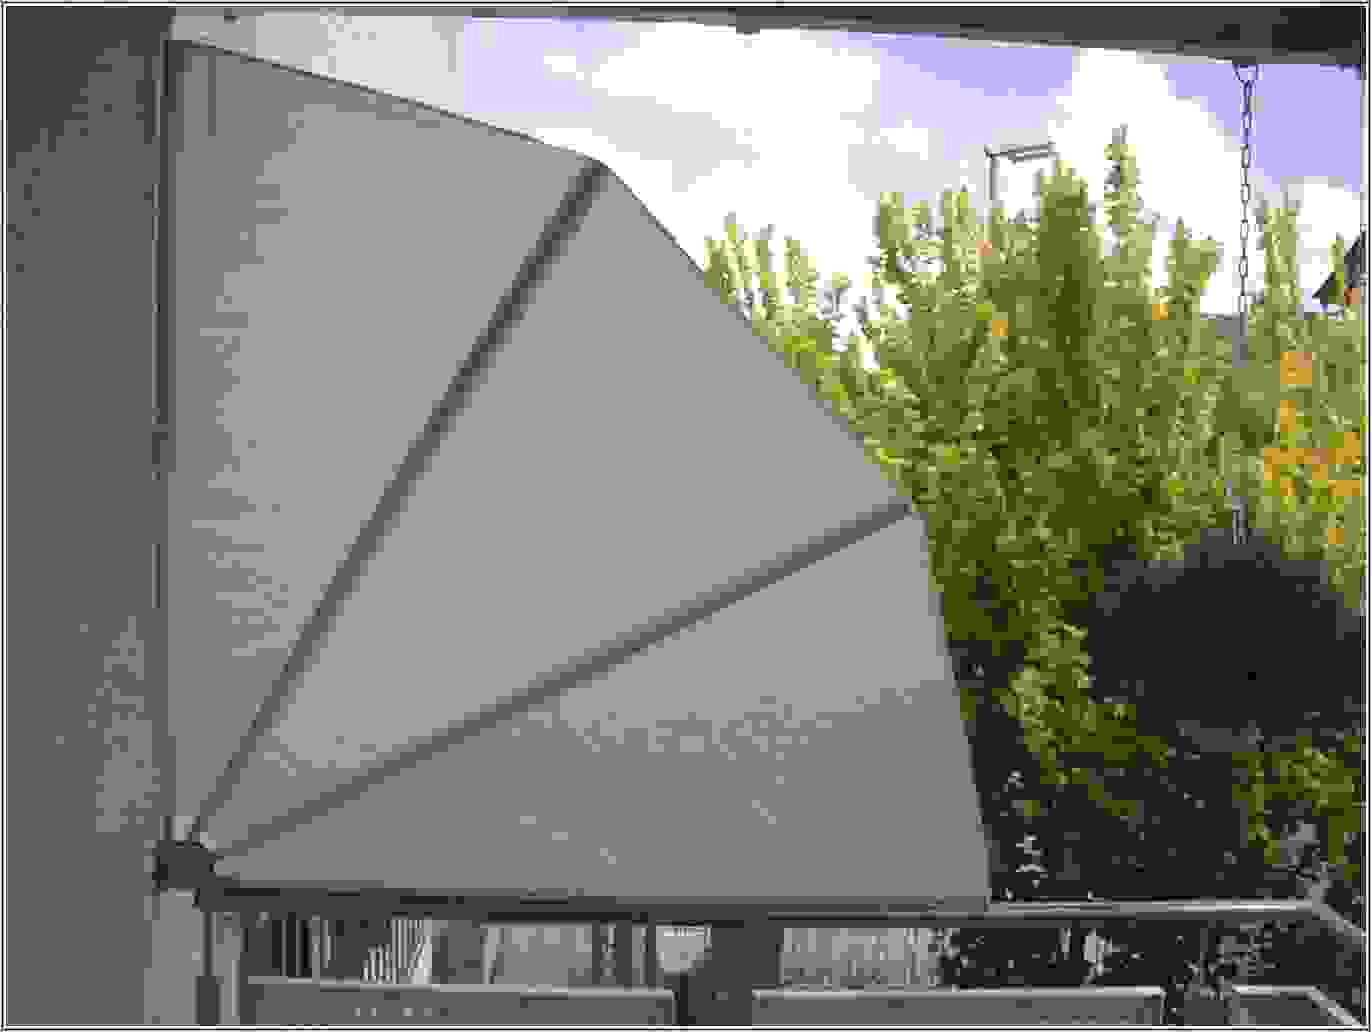 Seitlicher Sichtschutz F R Balkon Ohne Bohren Archives  Garten von Seitlicher Sichtschutz Für Balkon Ohne Bohren Photo